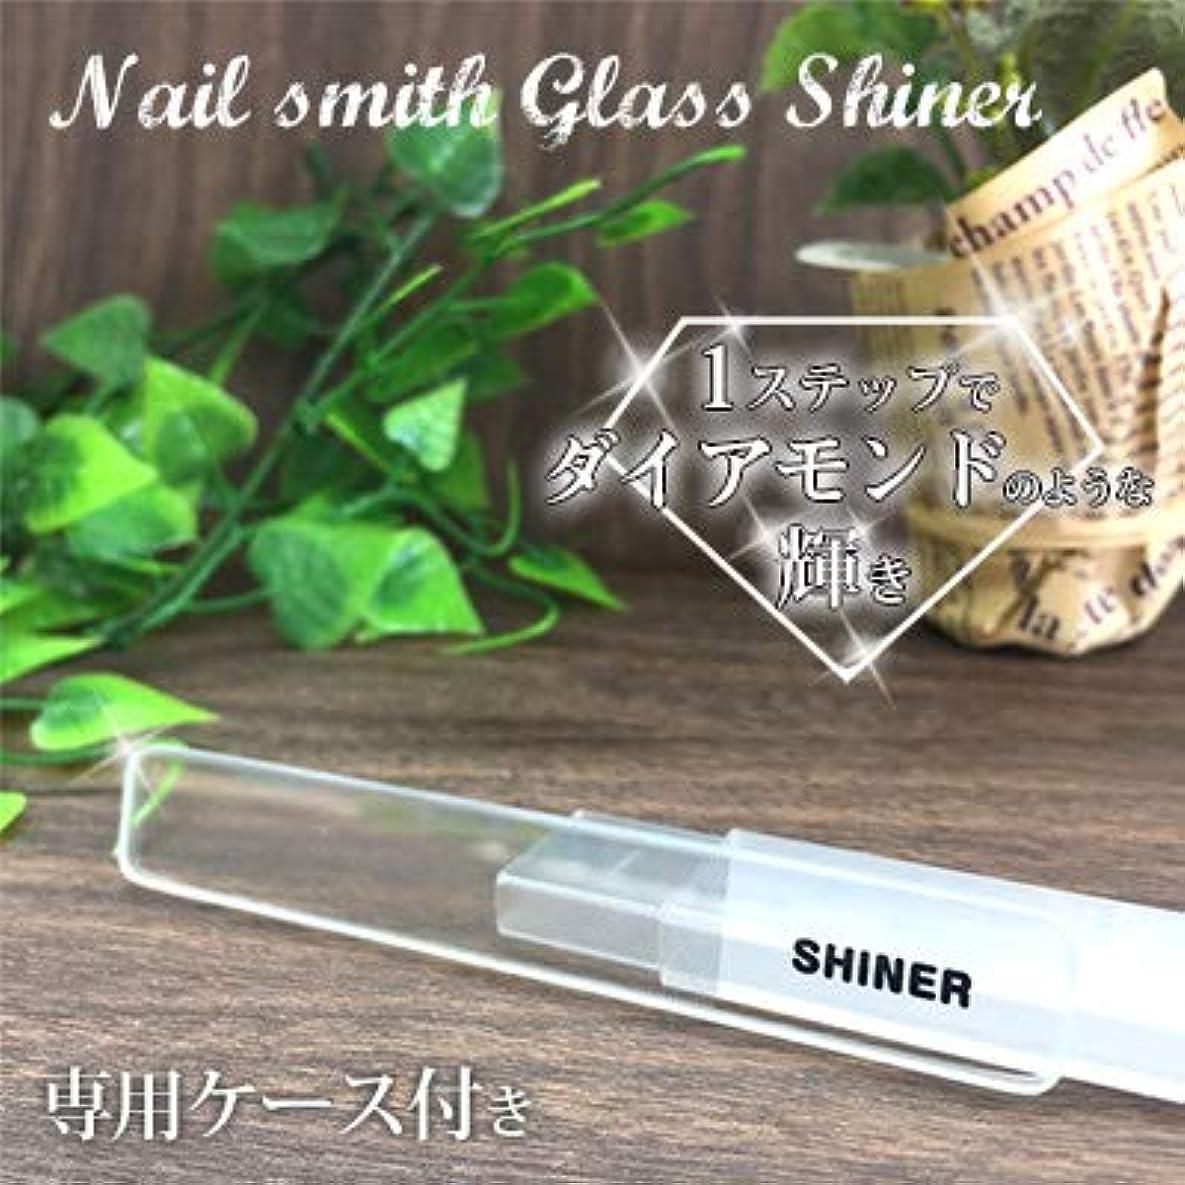 使い込む保険申込みnail smith ネイルスミス ガラスシャイナー